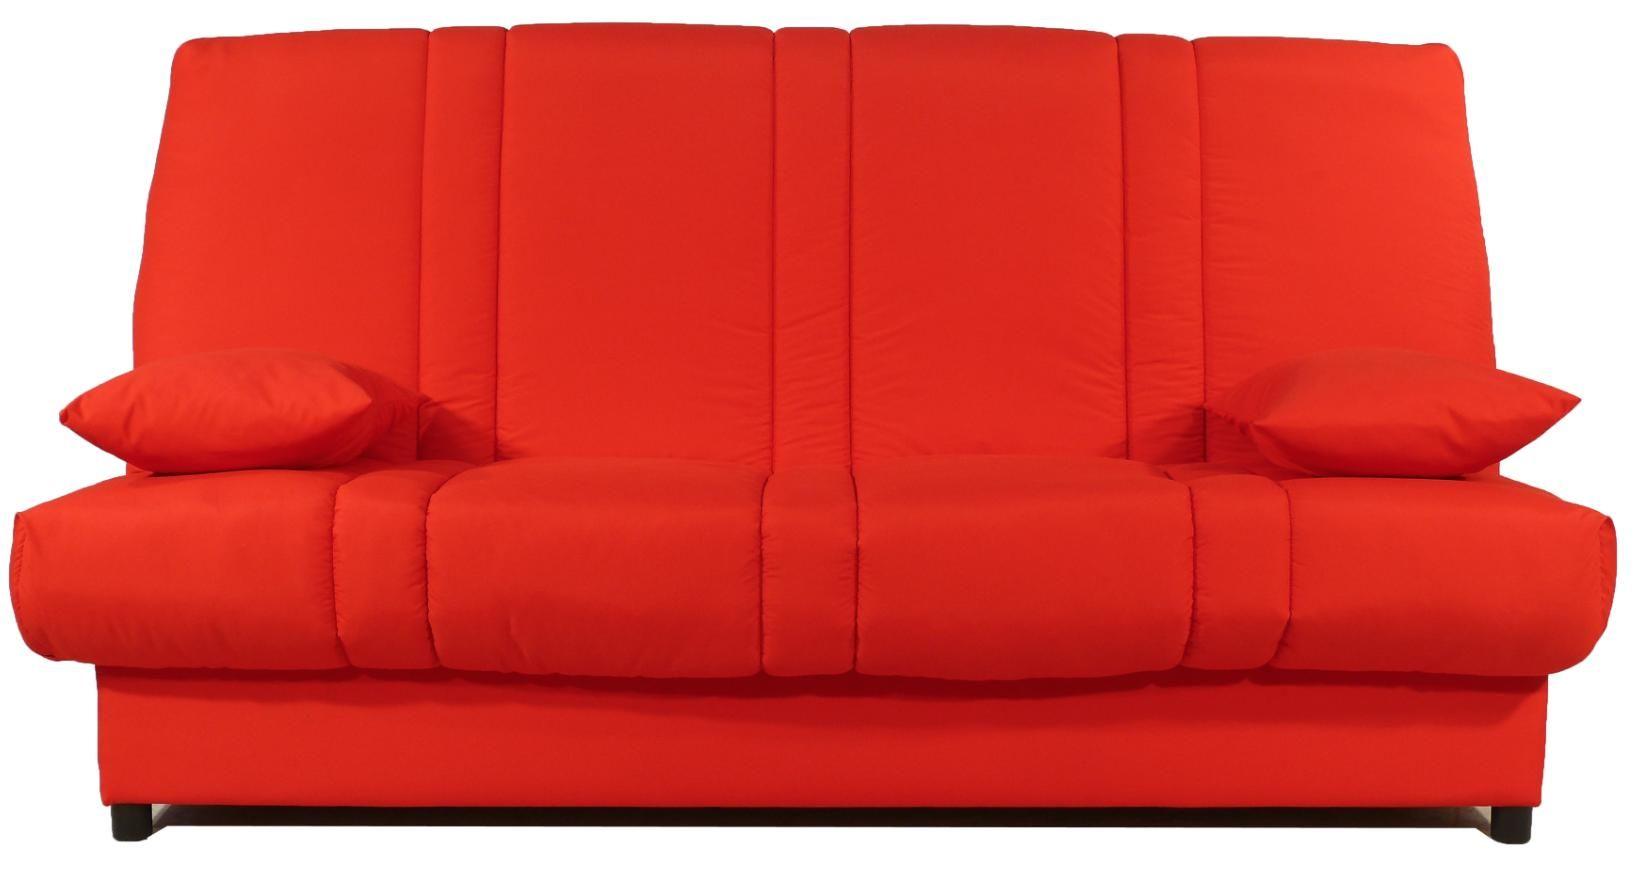 Clic Clac Rouge Matelas Sofalex 11 Cm Gaby En 2020 Matelas Tissu Rouge Coffre De Rangement